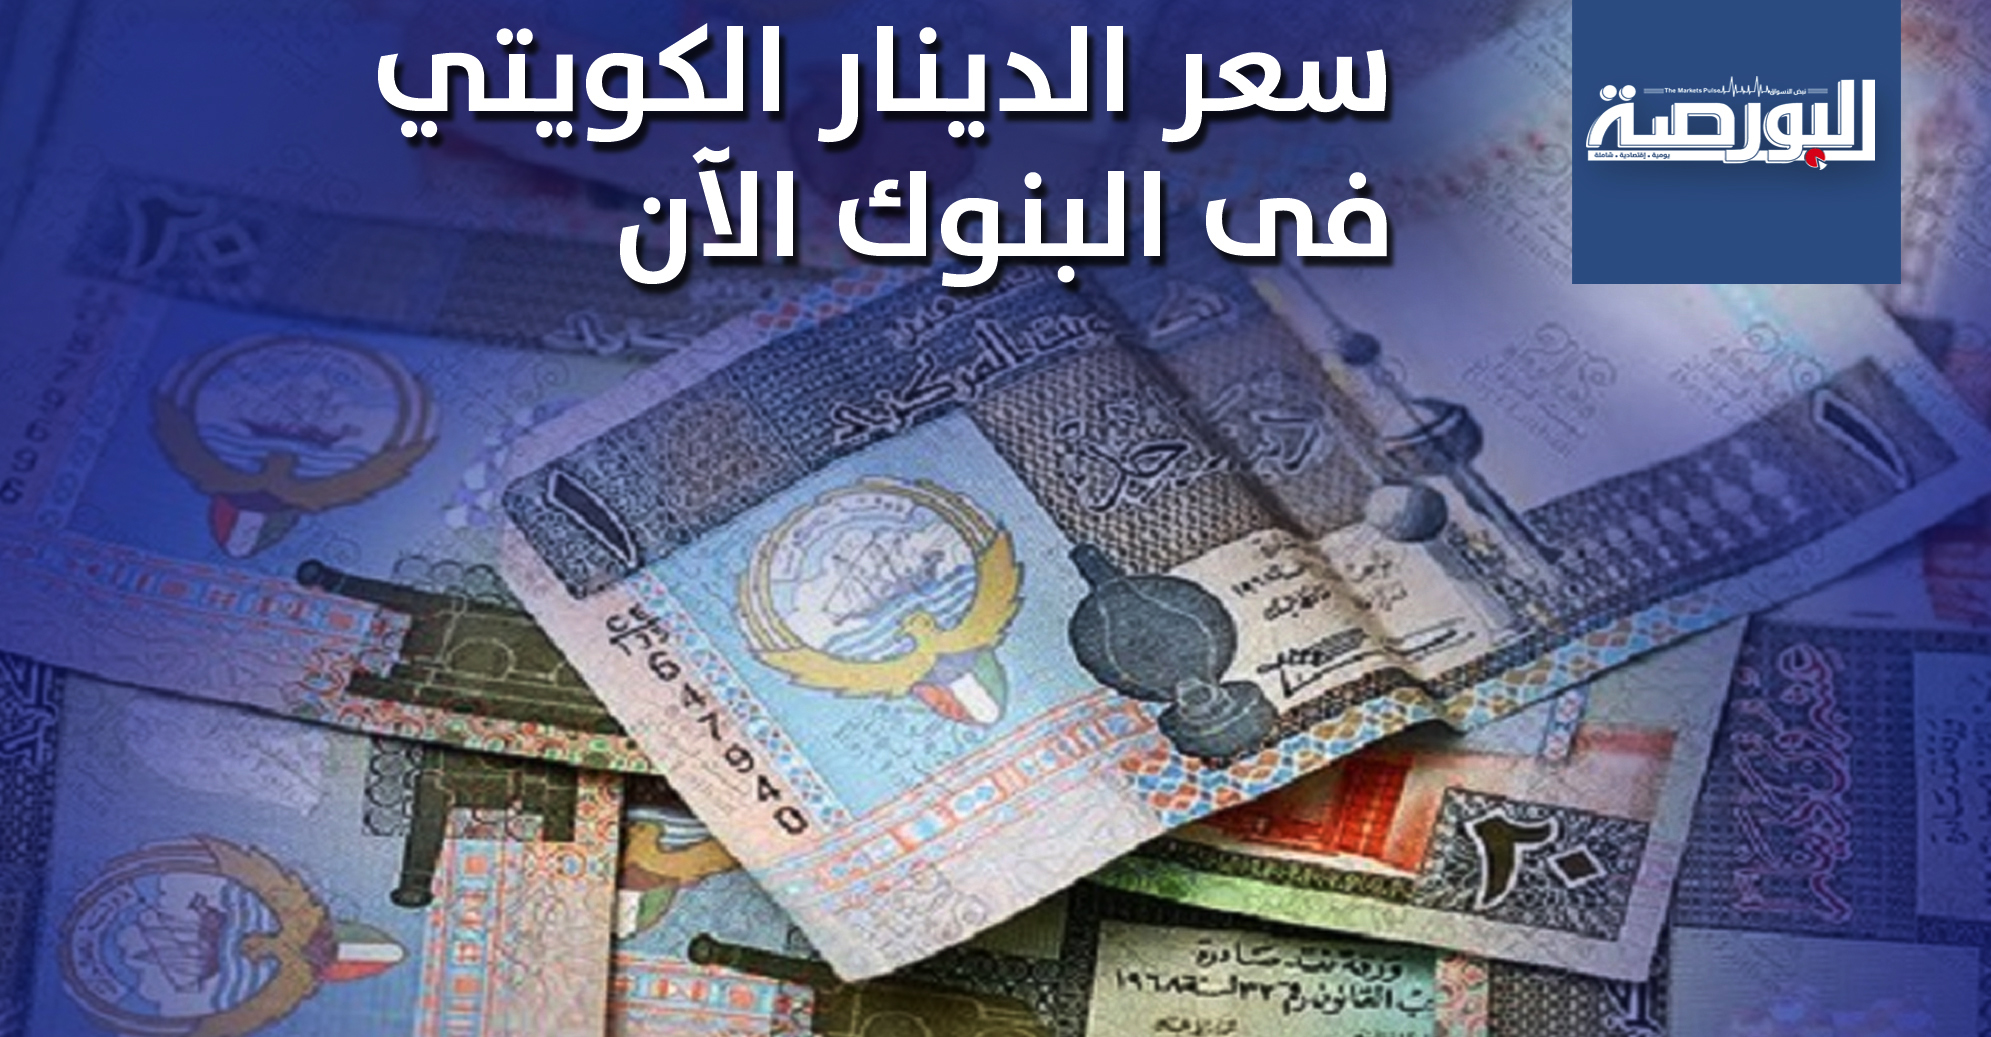 المغرب اليوم - أسعار العملات العربية والأجنبية في البنوك الجزائرية الخميس